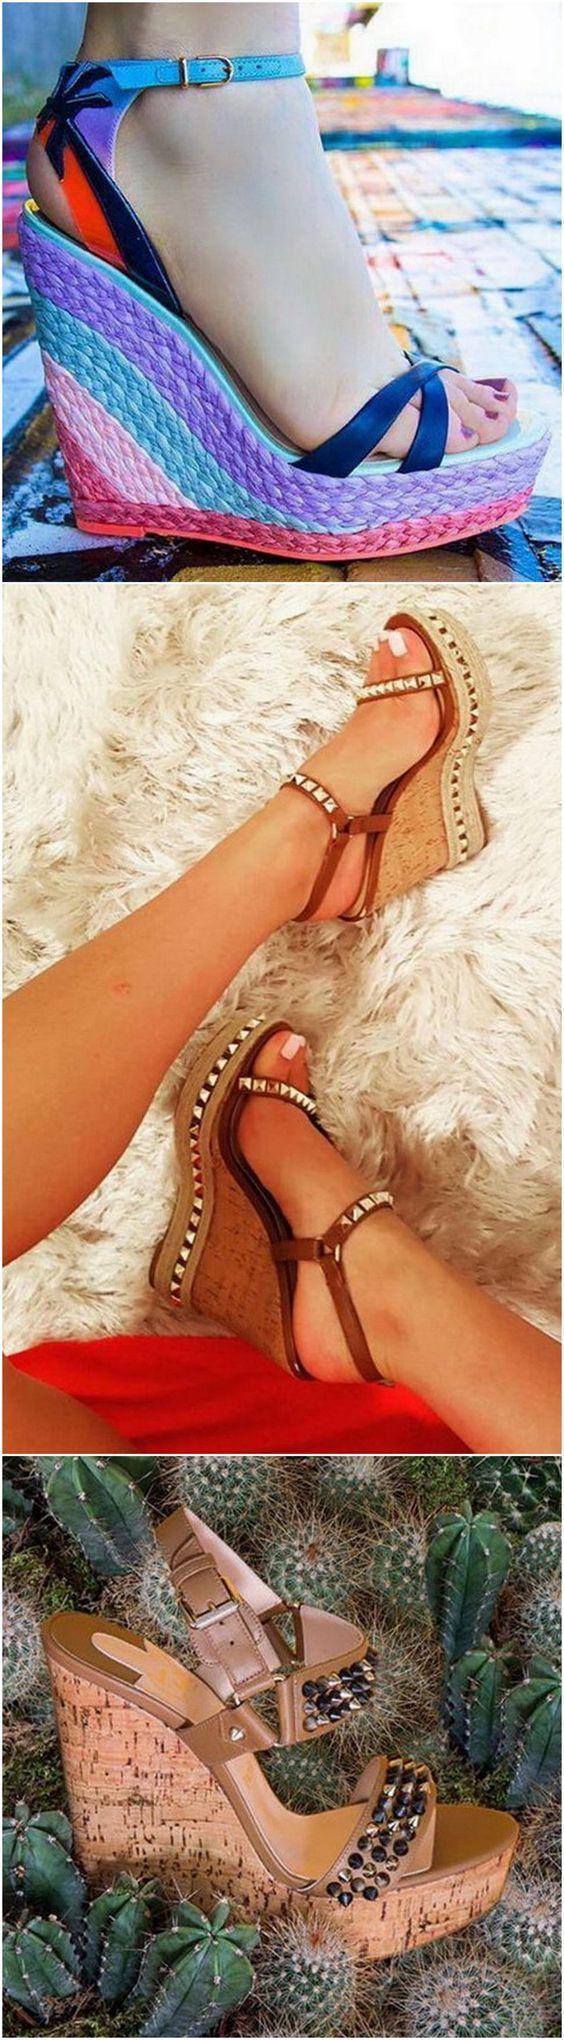 купить женскую летнюю обувь недорого в интернет магазине женской обуви marigo